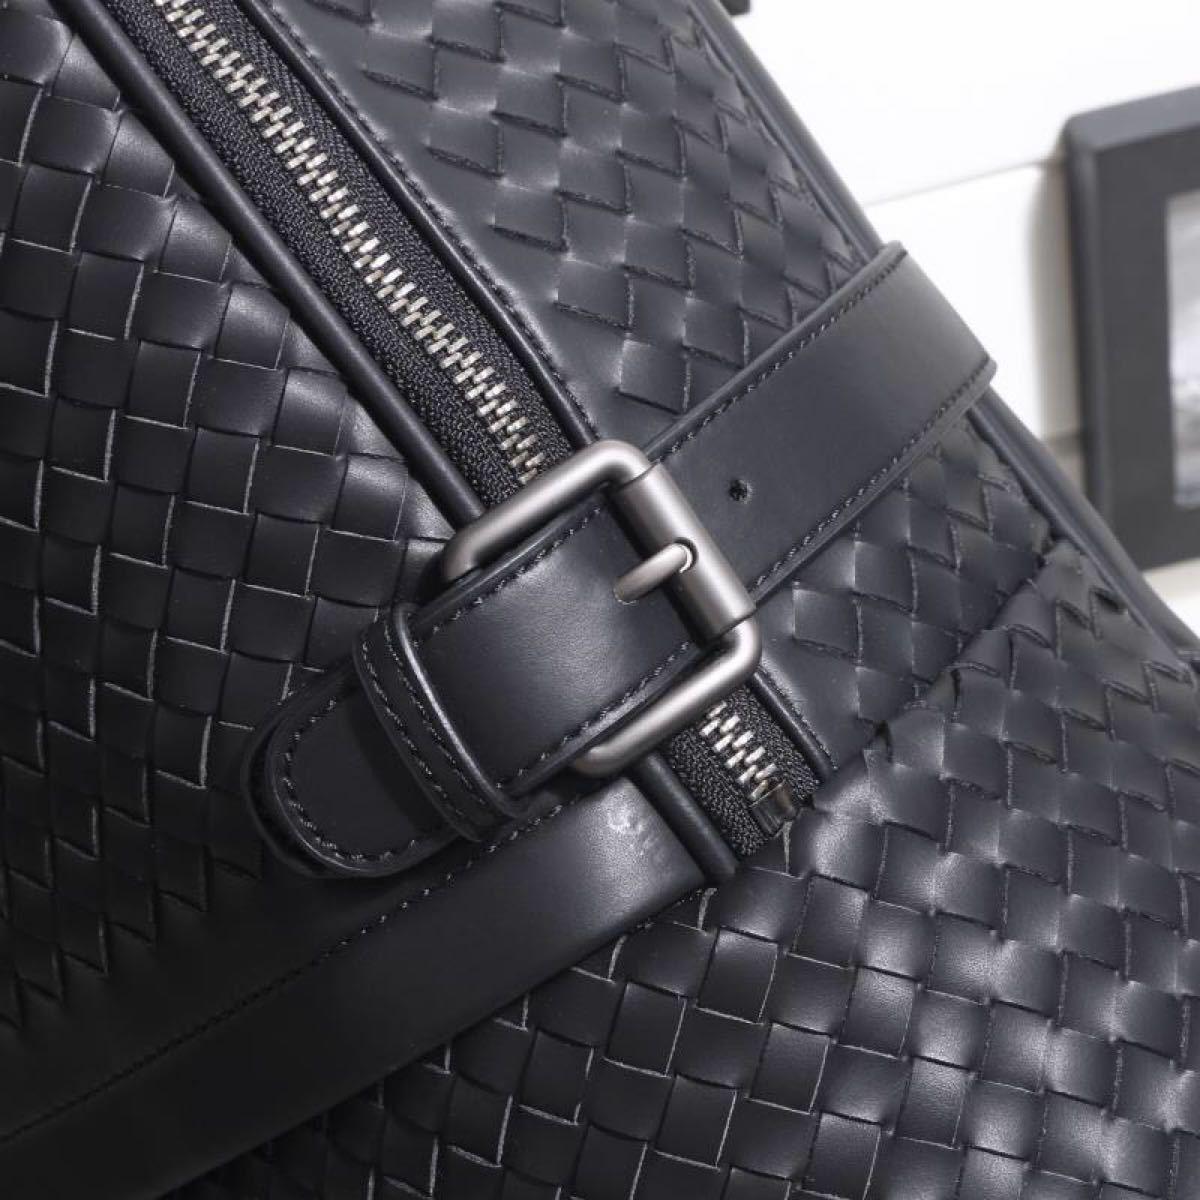 リュックサック イントレチャート大容量 ビジネスバッグ バックパック 男女兼用